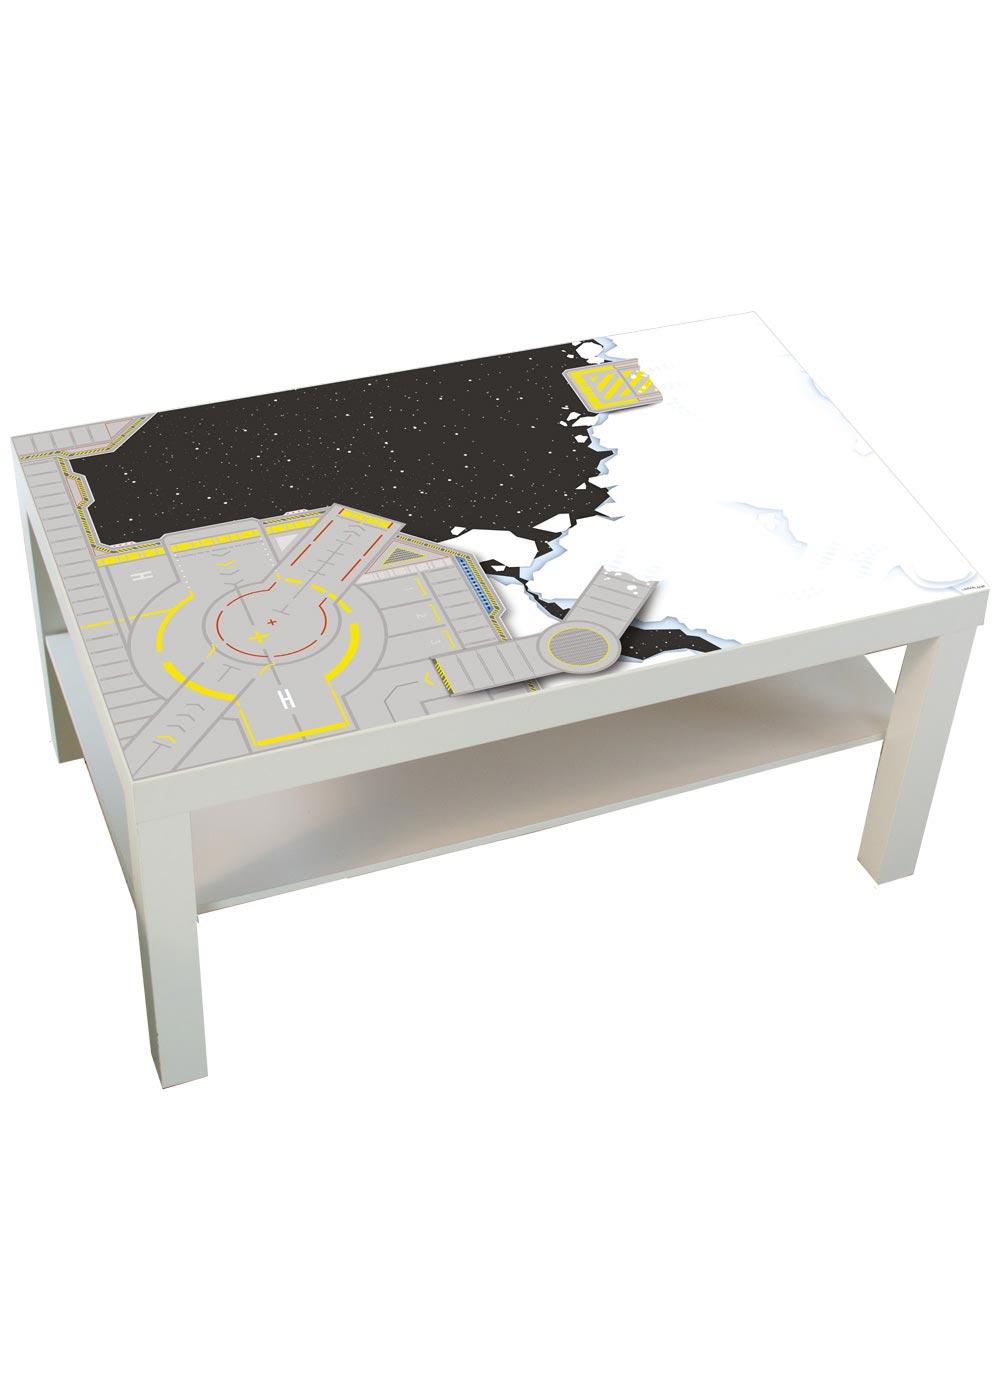 Ikea Lack Couchtisch Weltraum 78x118 Gesamtansicht